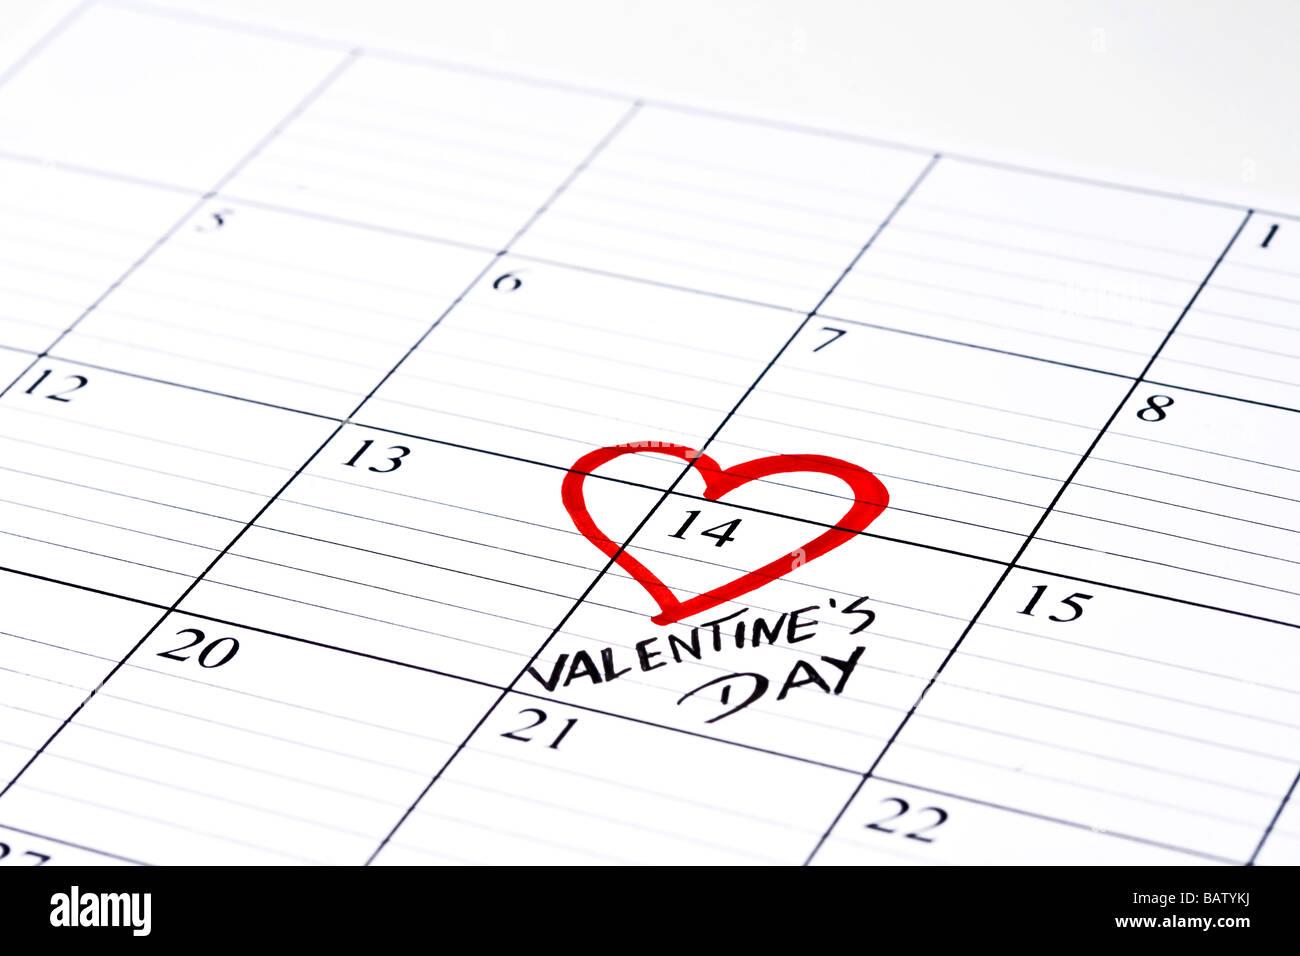 Saint-valentin marqués d'coeur dans calendrier Photo Stock